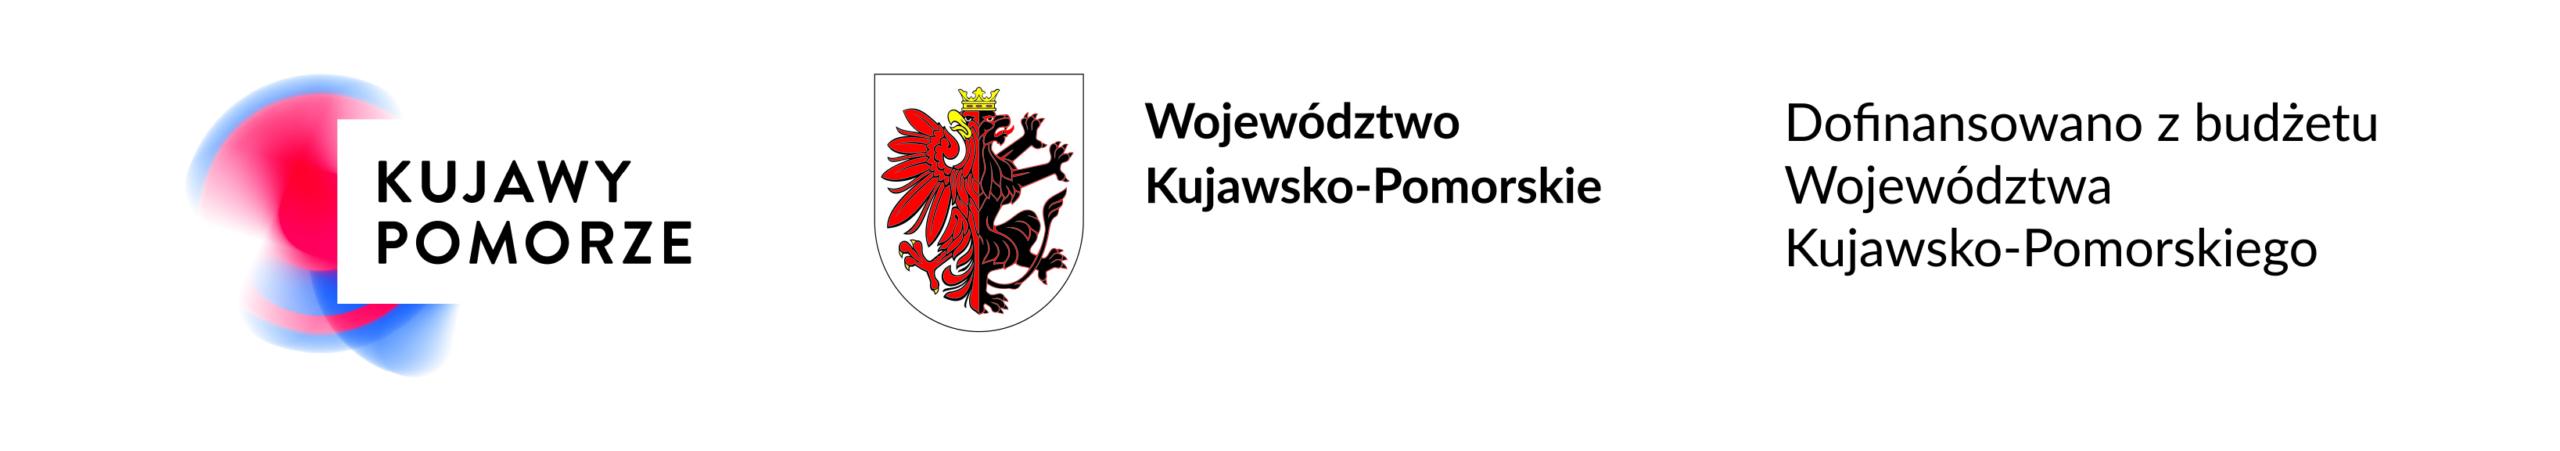 Dofinansowano zbudżetu Województwa Kujawsko-Pomorskiego